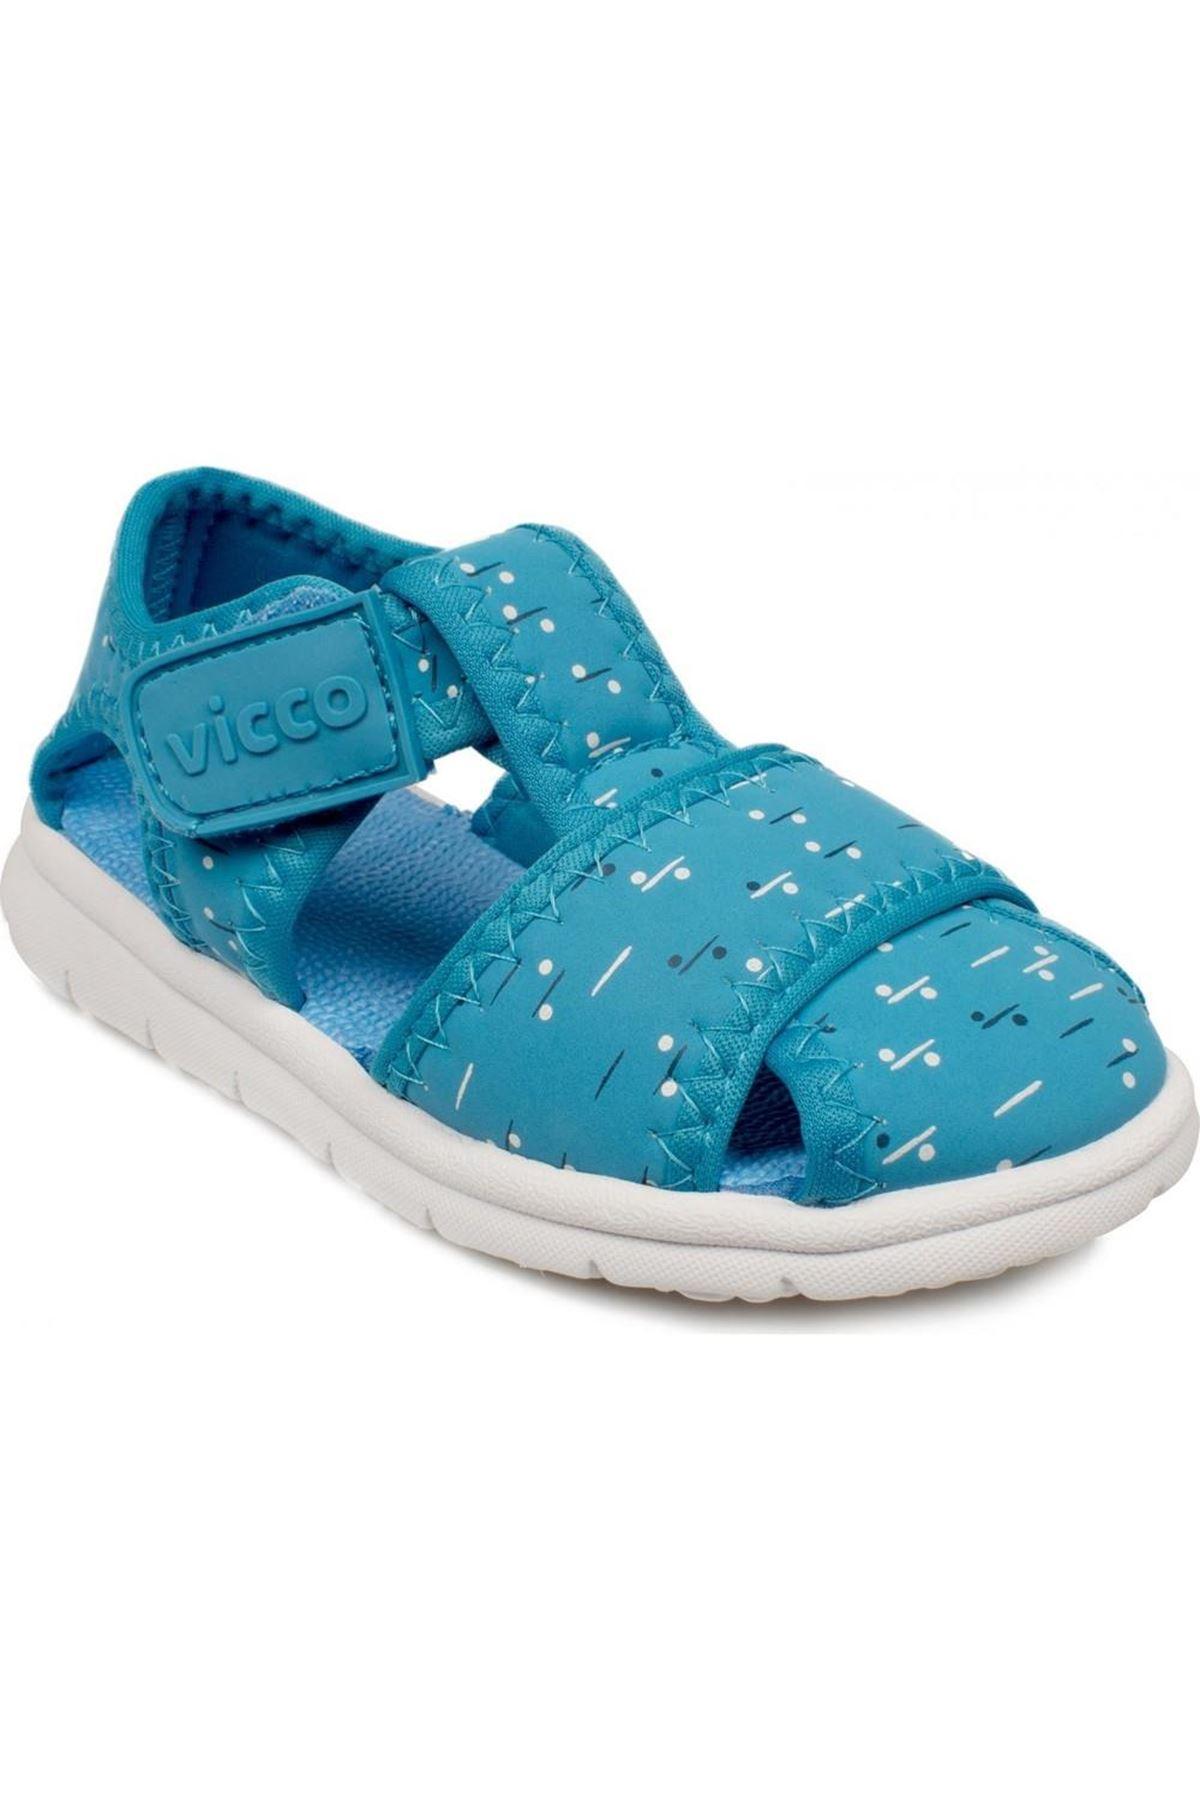 Vicco İlk Adım Deri Ayakkabı 332.E20Y.306 Mavi